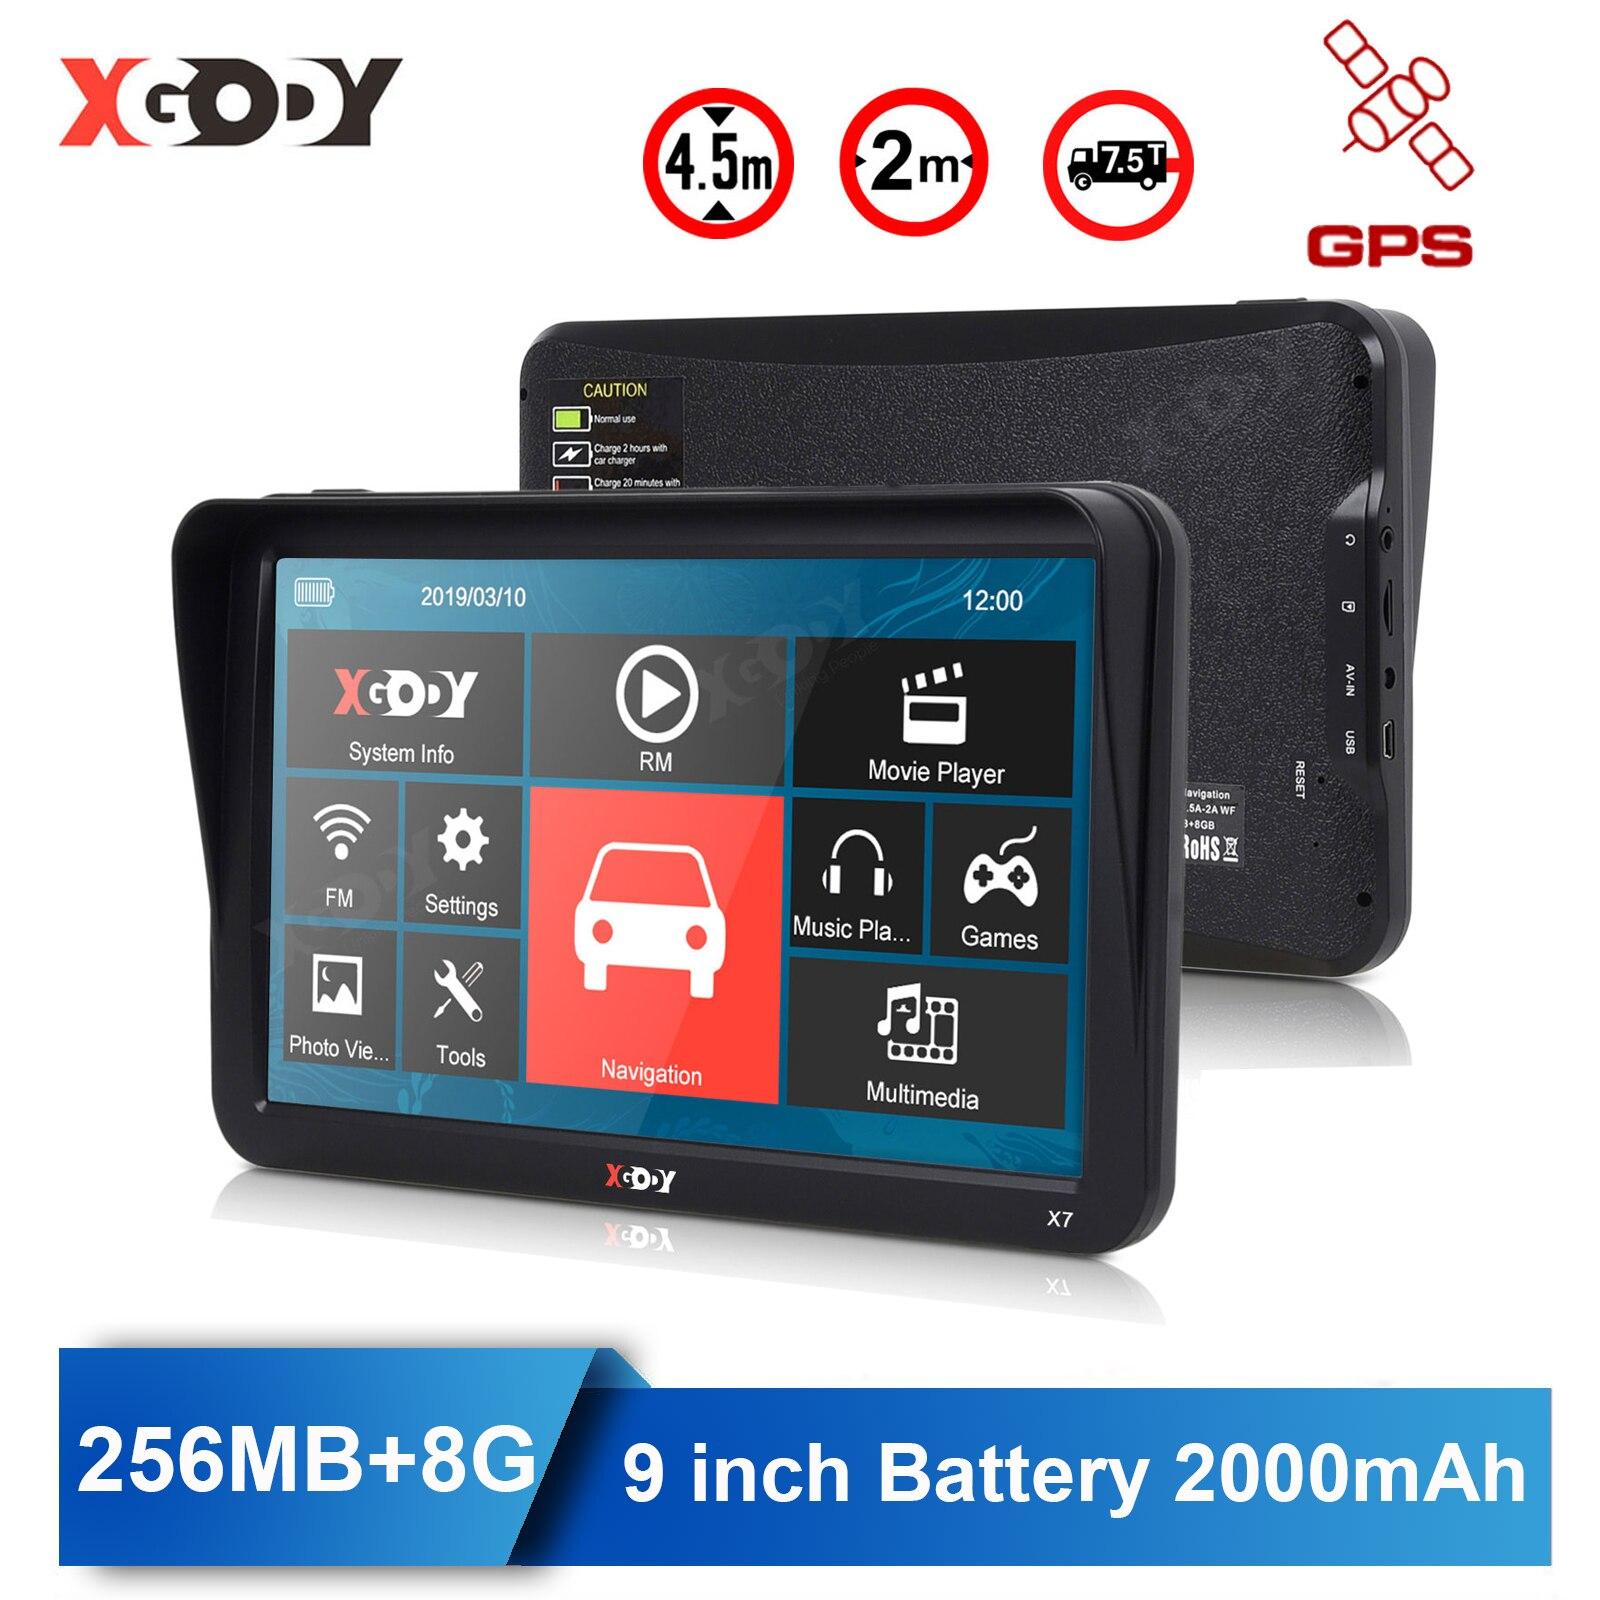 Автомобильный GPS-навигатор XGODY, Bluetooth, 9 дюймов, 256 Мб + 8 Гб, сенсорный экран, Россия, Navitel, спутниковая навигация, Бесплатная карта Европы